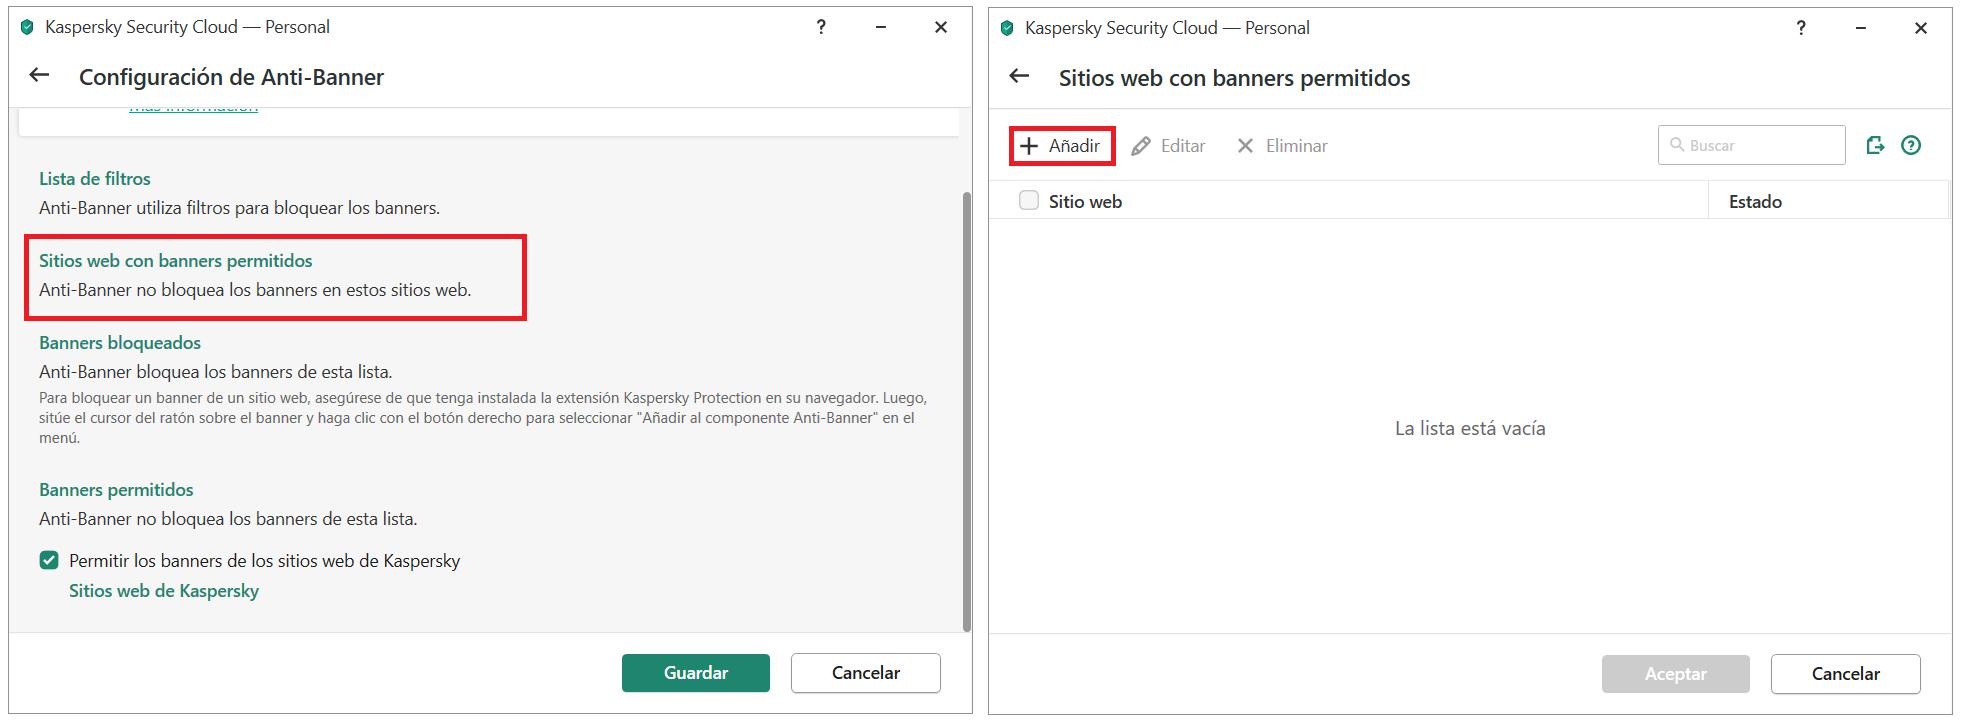 Añadir un banner a la lista de sitios permitidos en Kaspersky Security Cloud